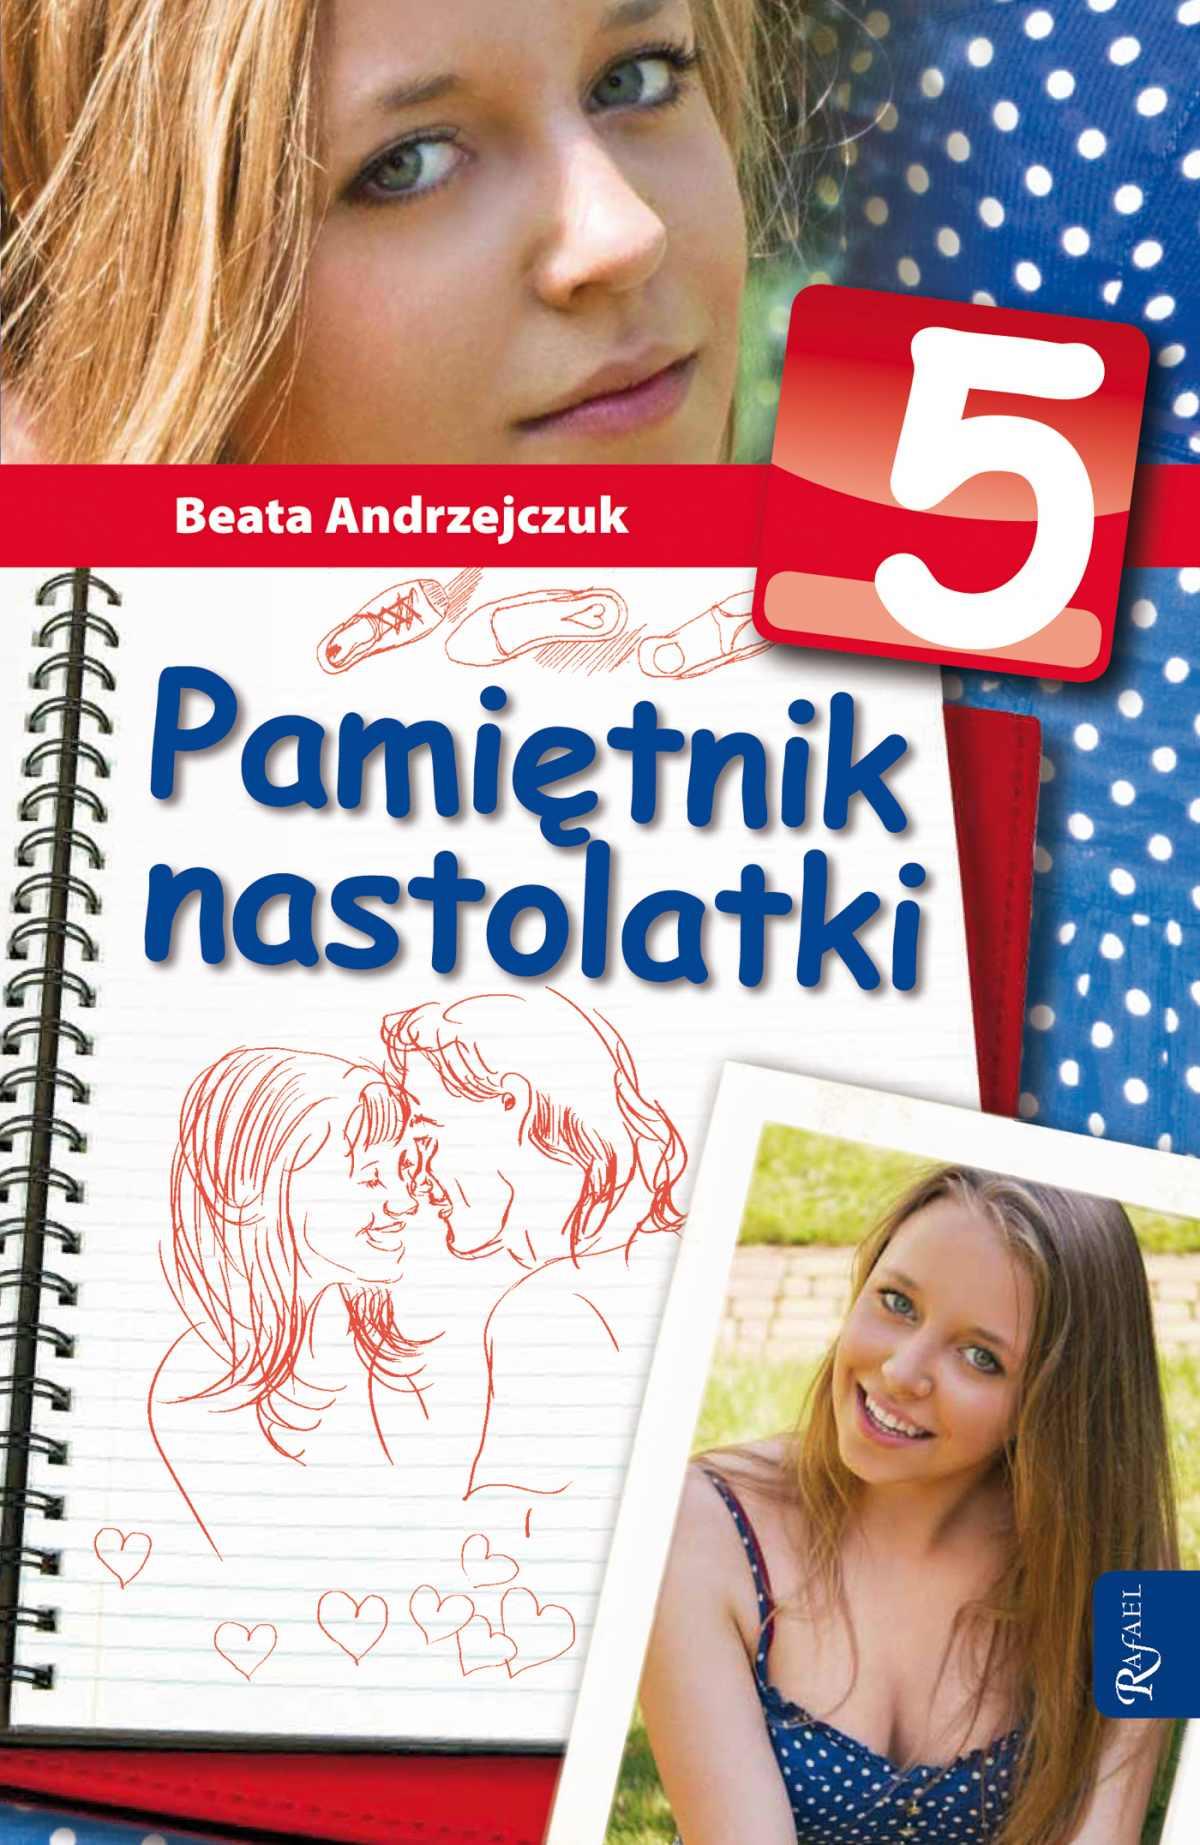 Pamiętnik nastolatki 5 - Ebook (Książka na Kindle) do pobrania w formacie MOBI